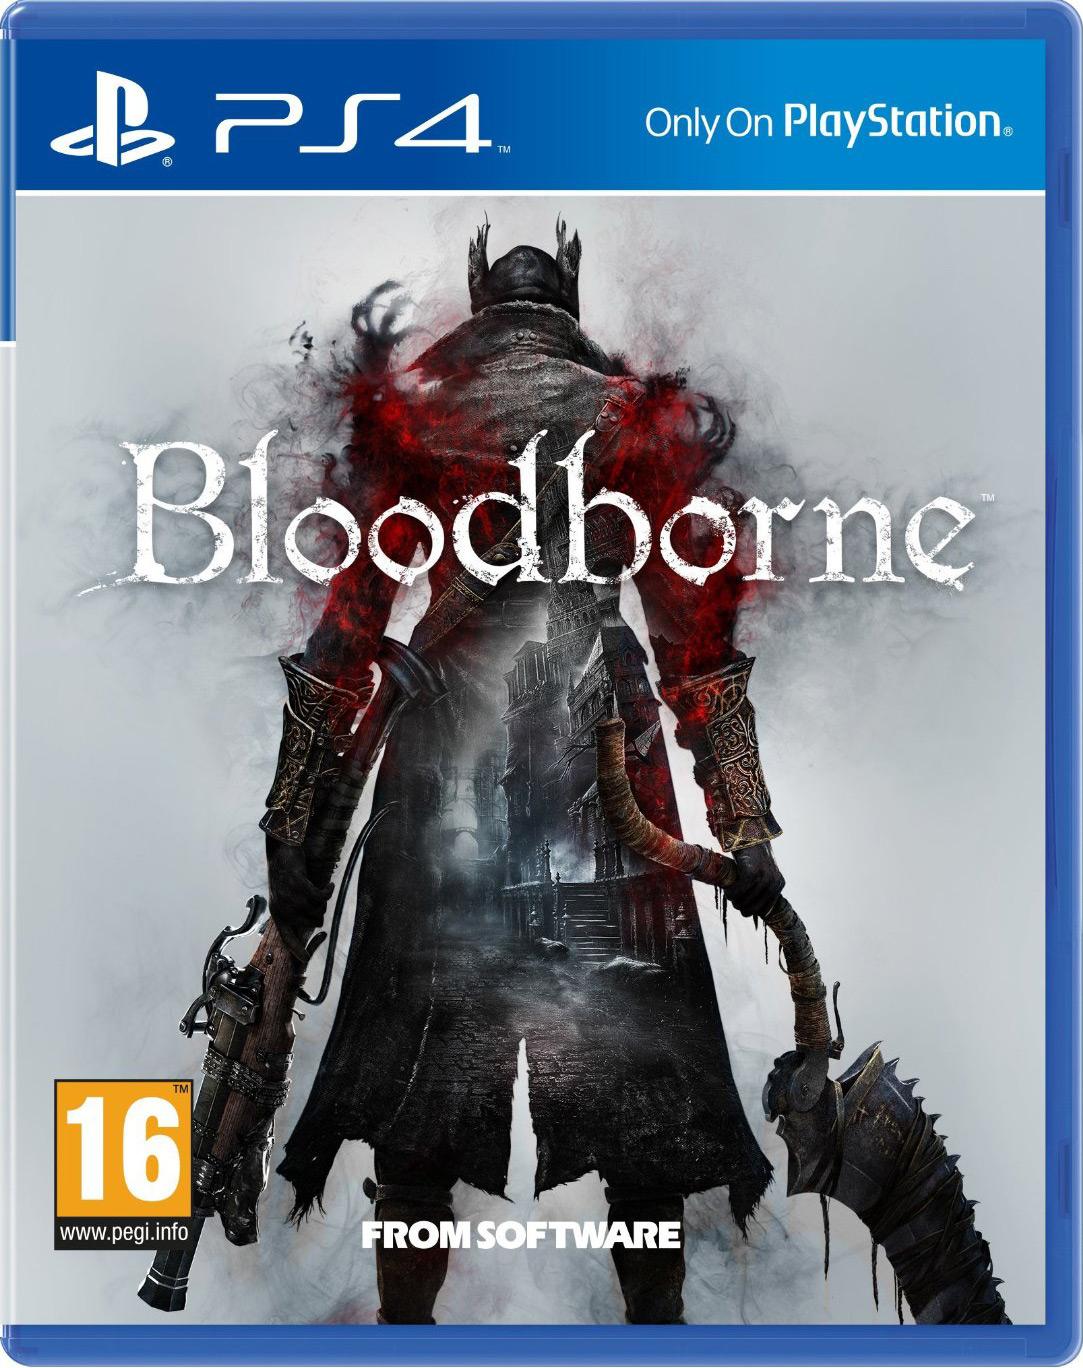 [gameware.at]Bloodborne (US-Import) für €29,90 - versandkostenfrei!